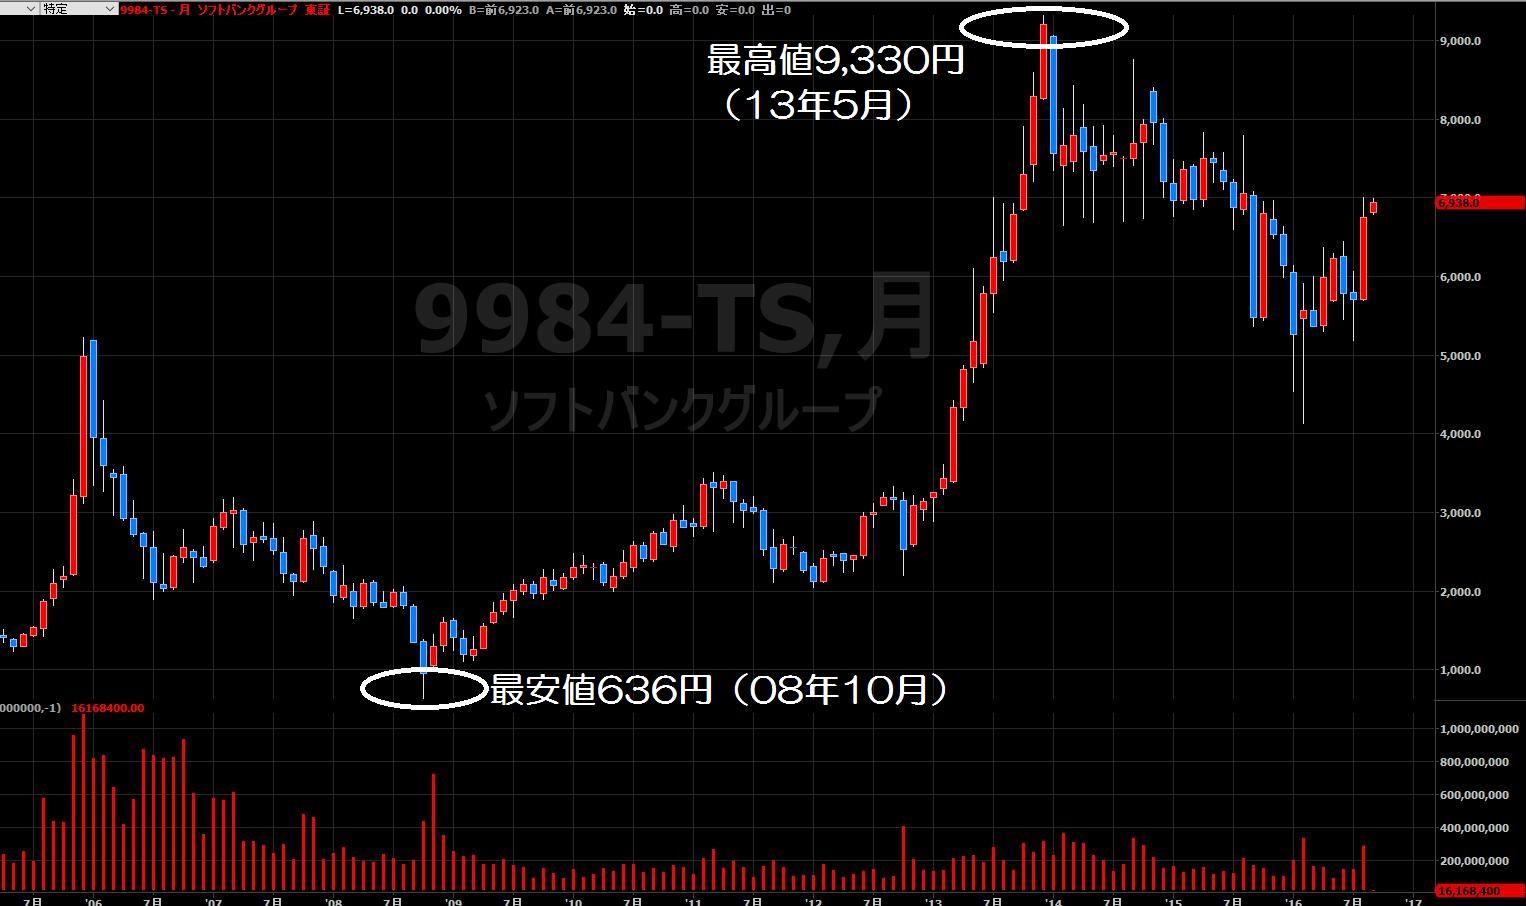 16.9.6ソフトバンク株価-10年月足-min